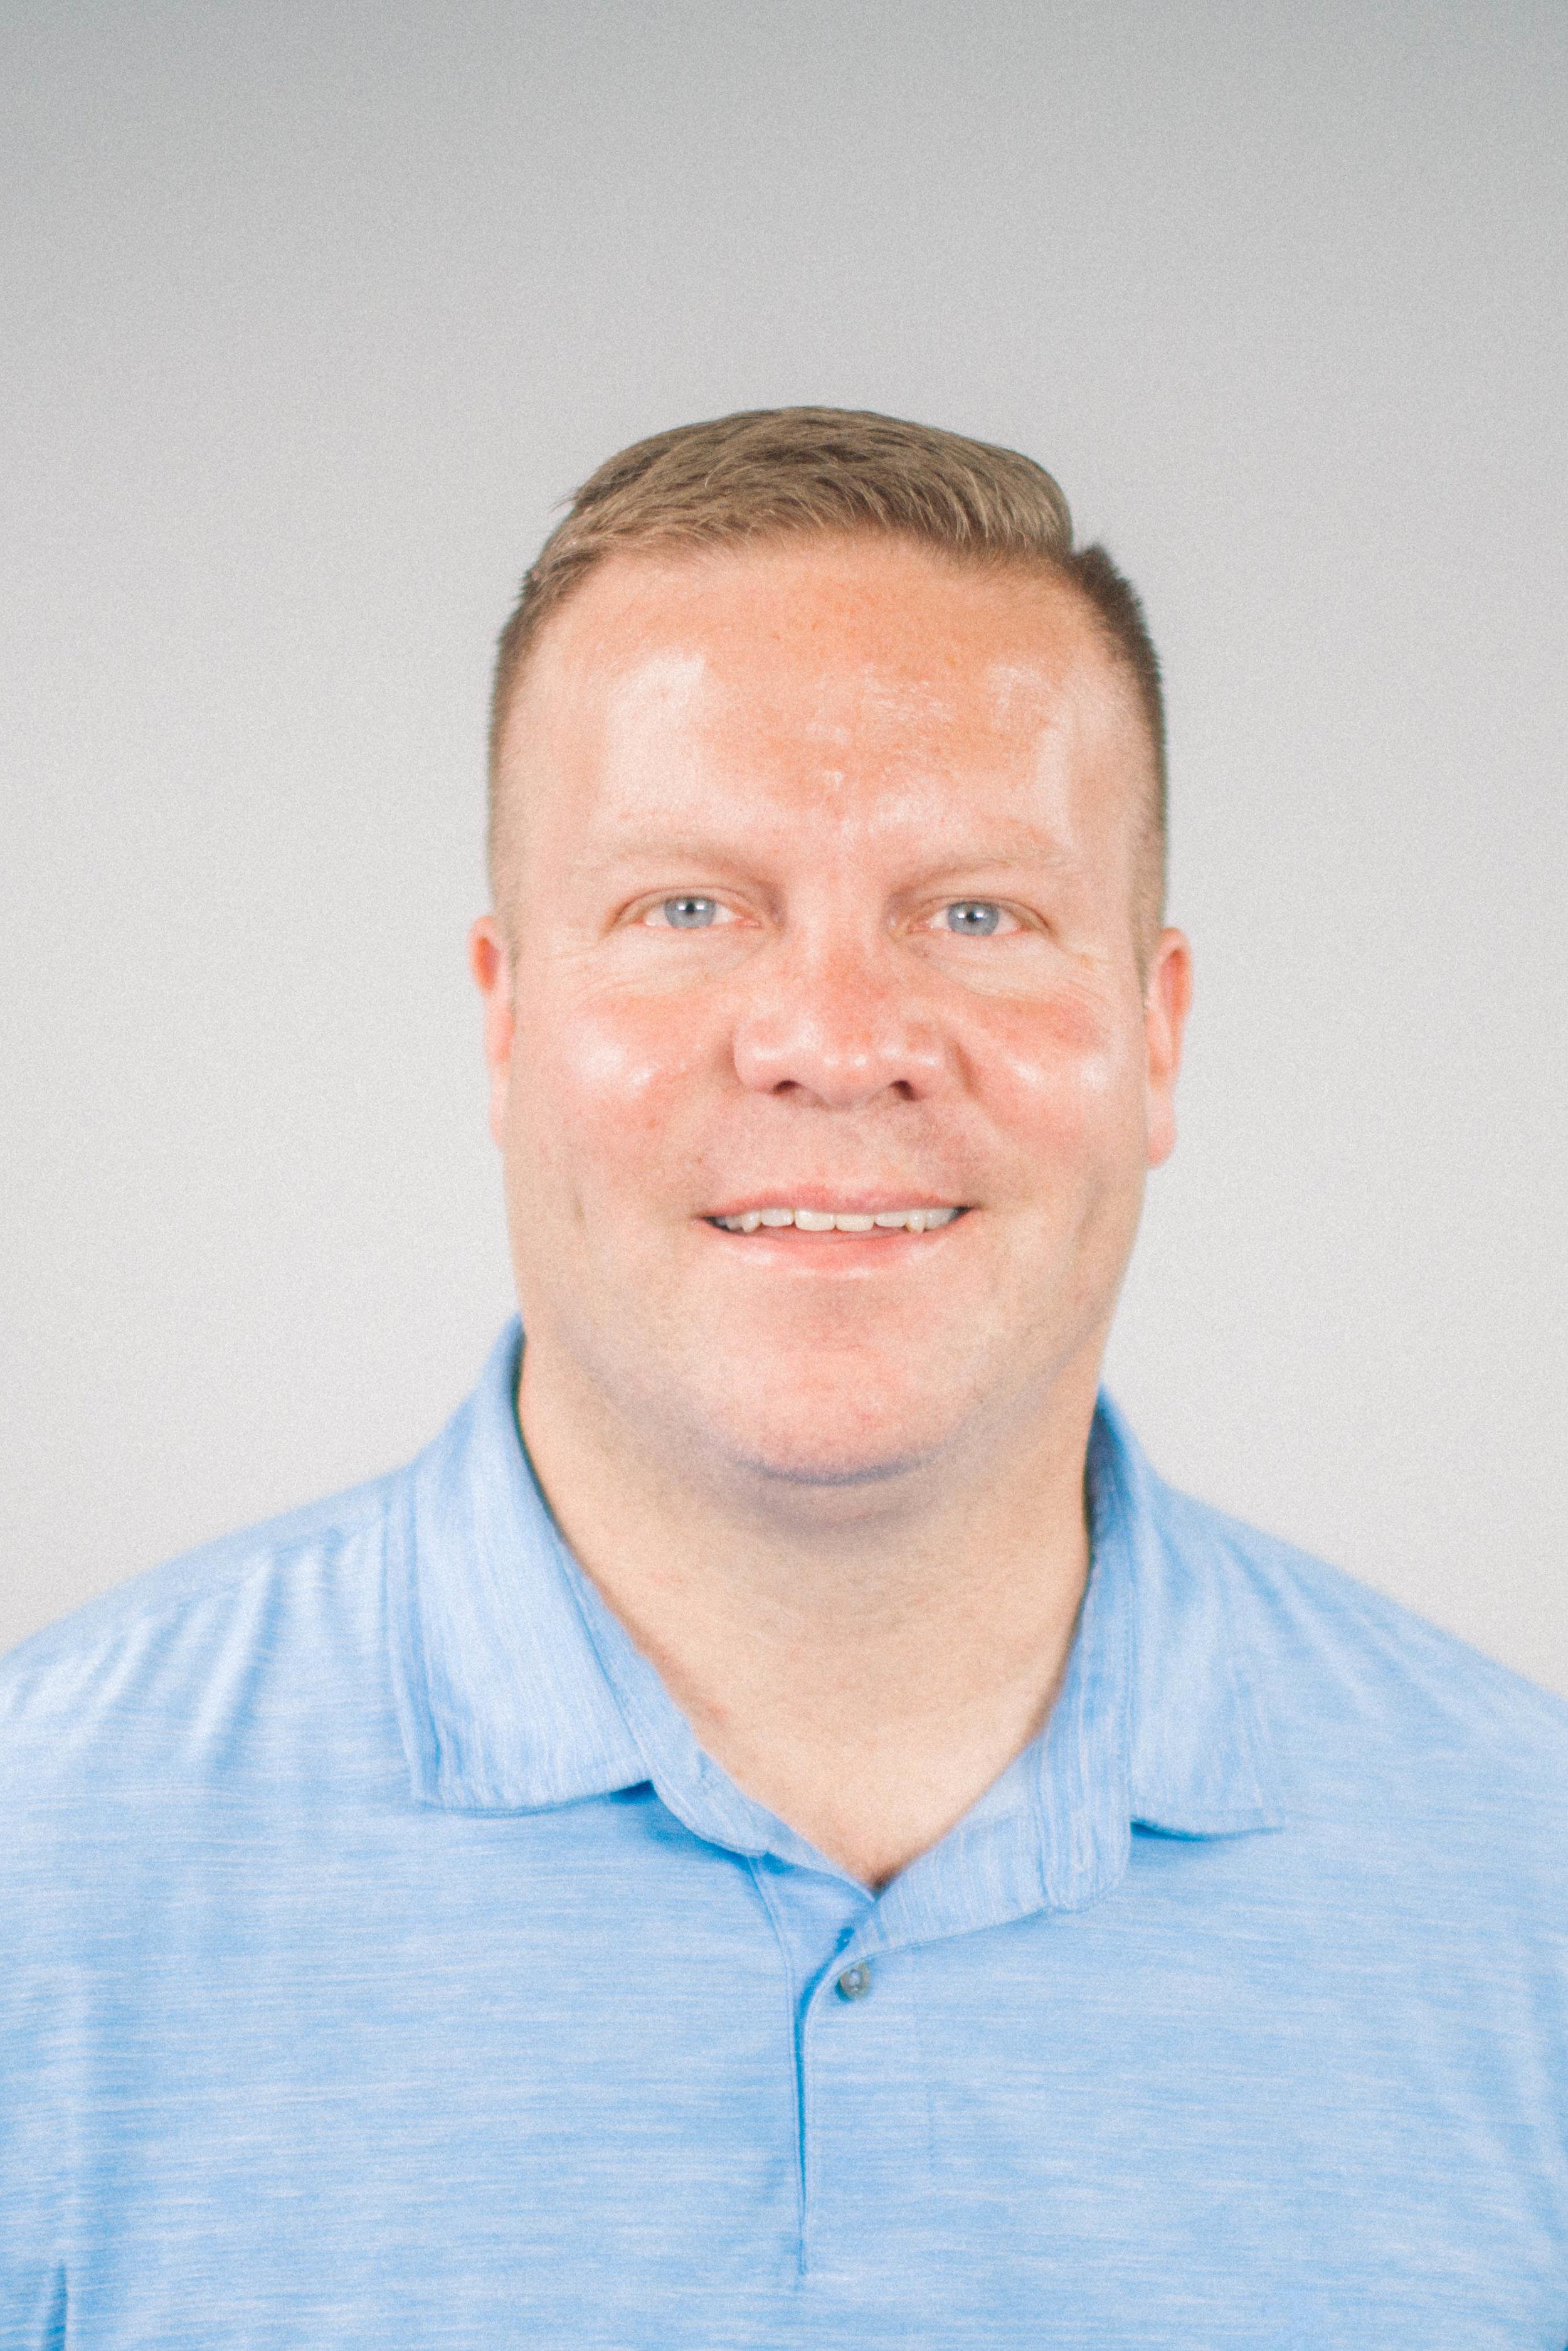 Dr. Nate Ruch - President